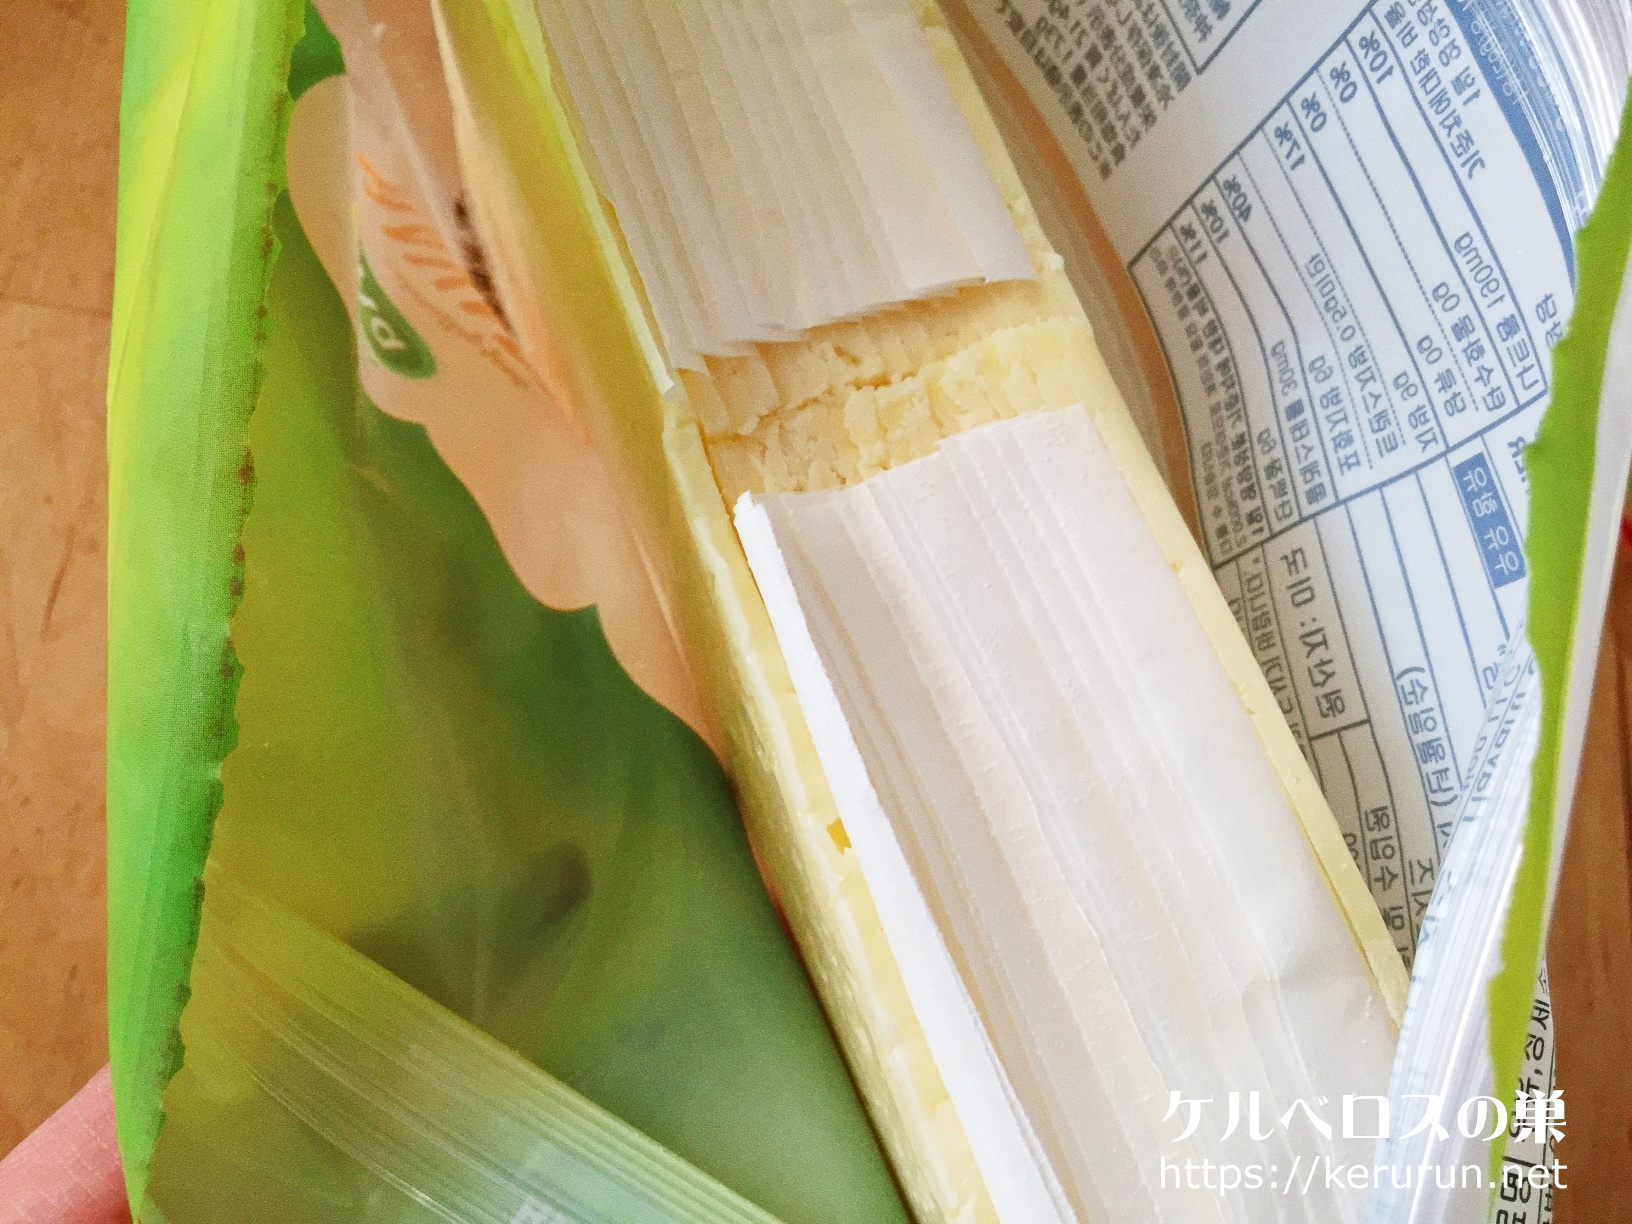 【コストコ】アーラハバティスライスチーズ